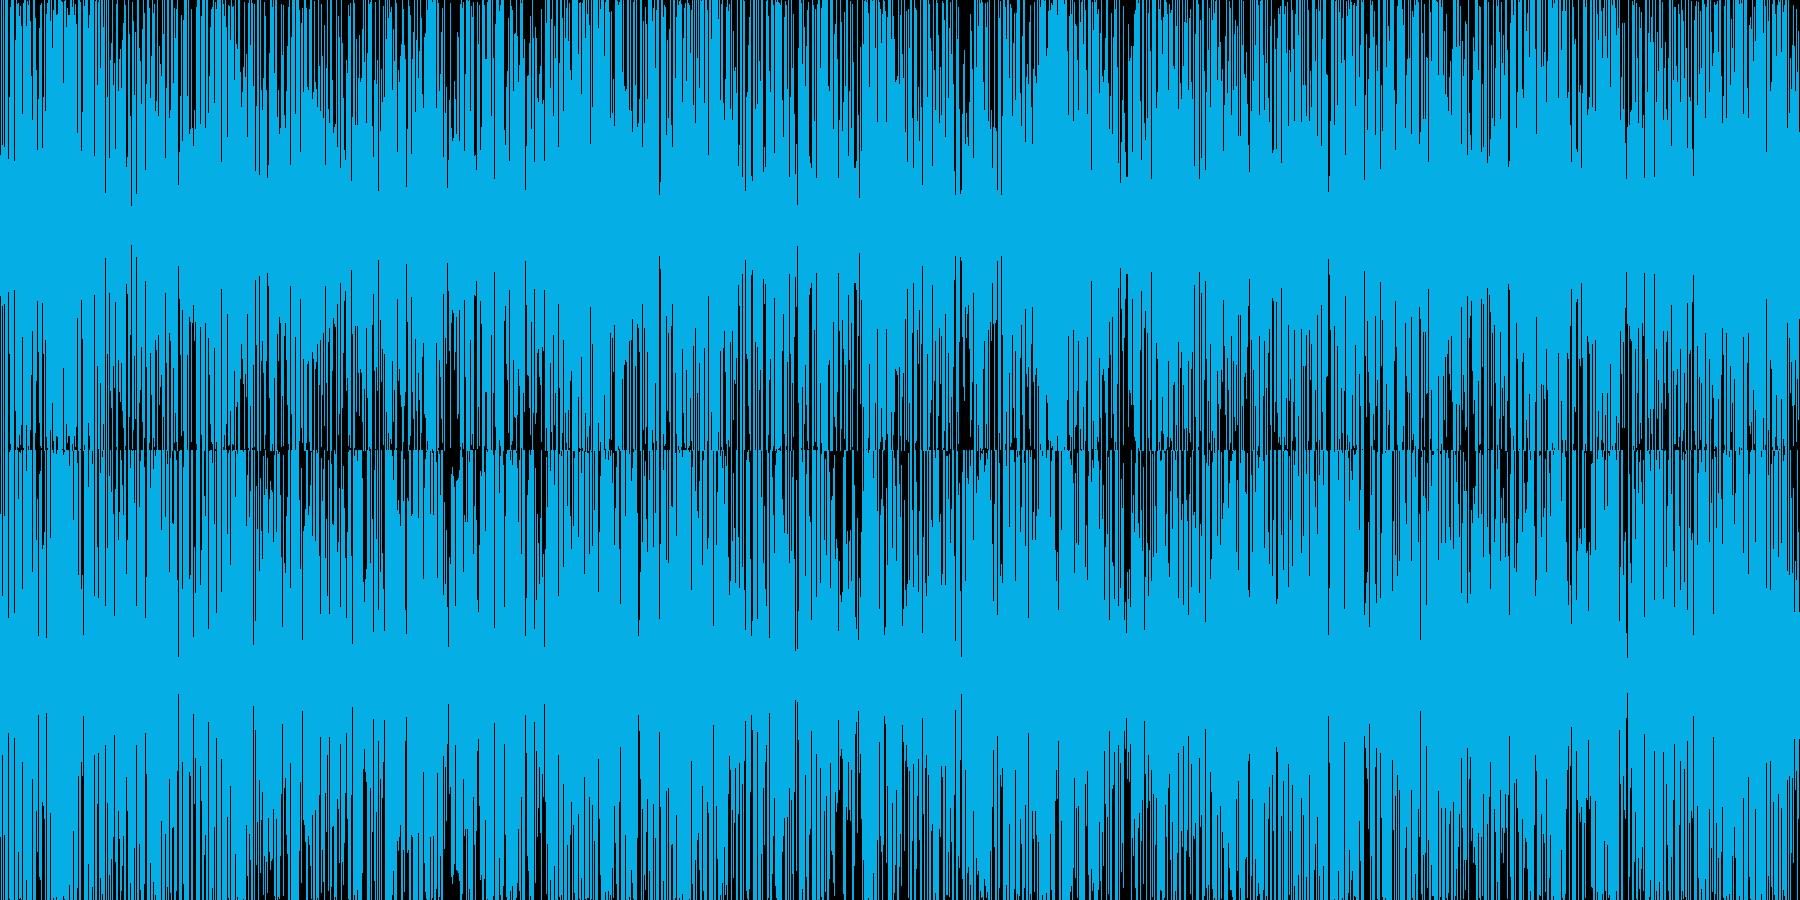 ザー。雨の音(短め)の再生済みの波形